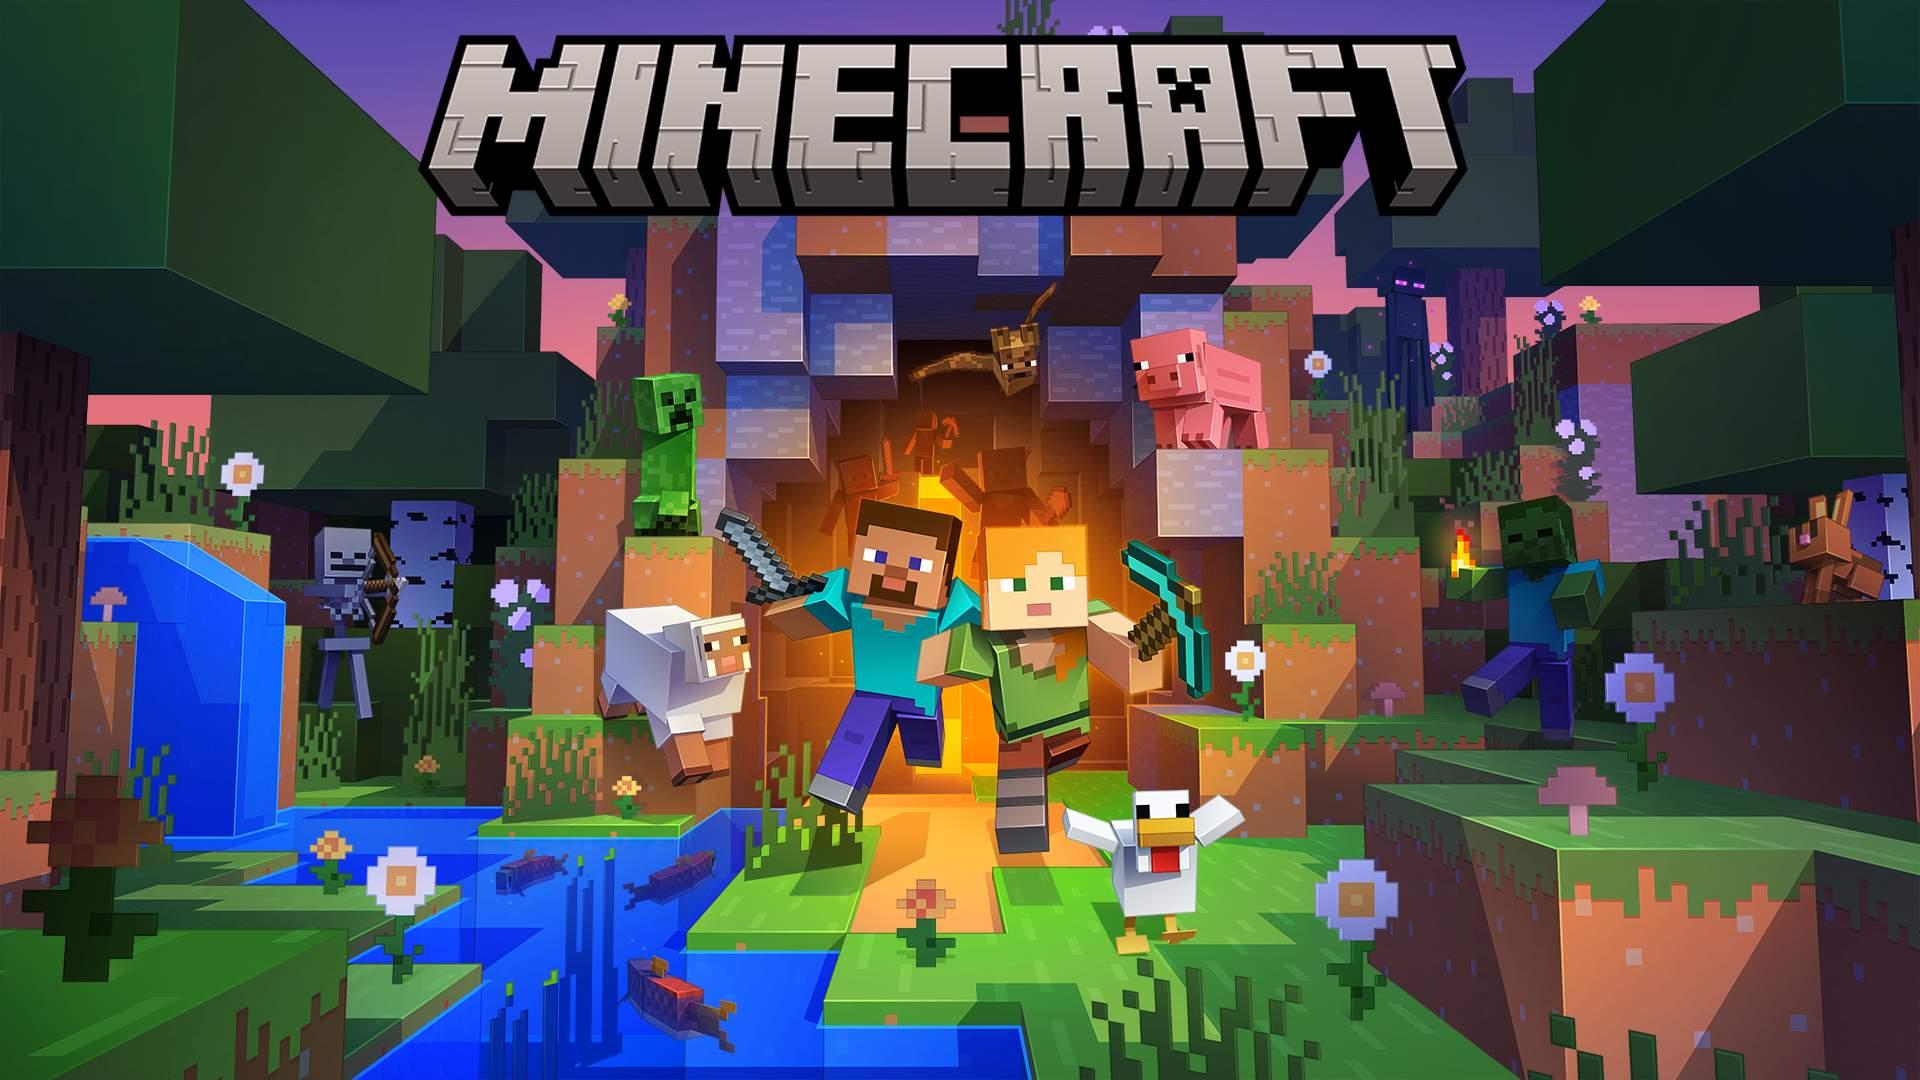 Minecraft_PC_Bundle_XboxClub_1920x1080.png